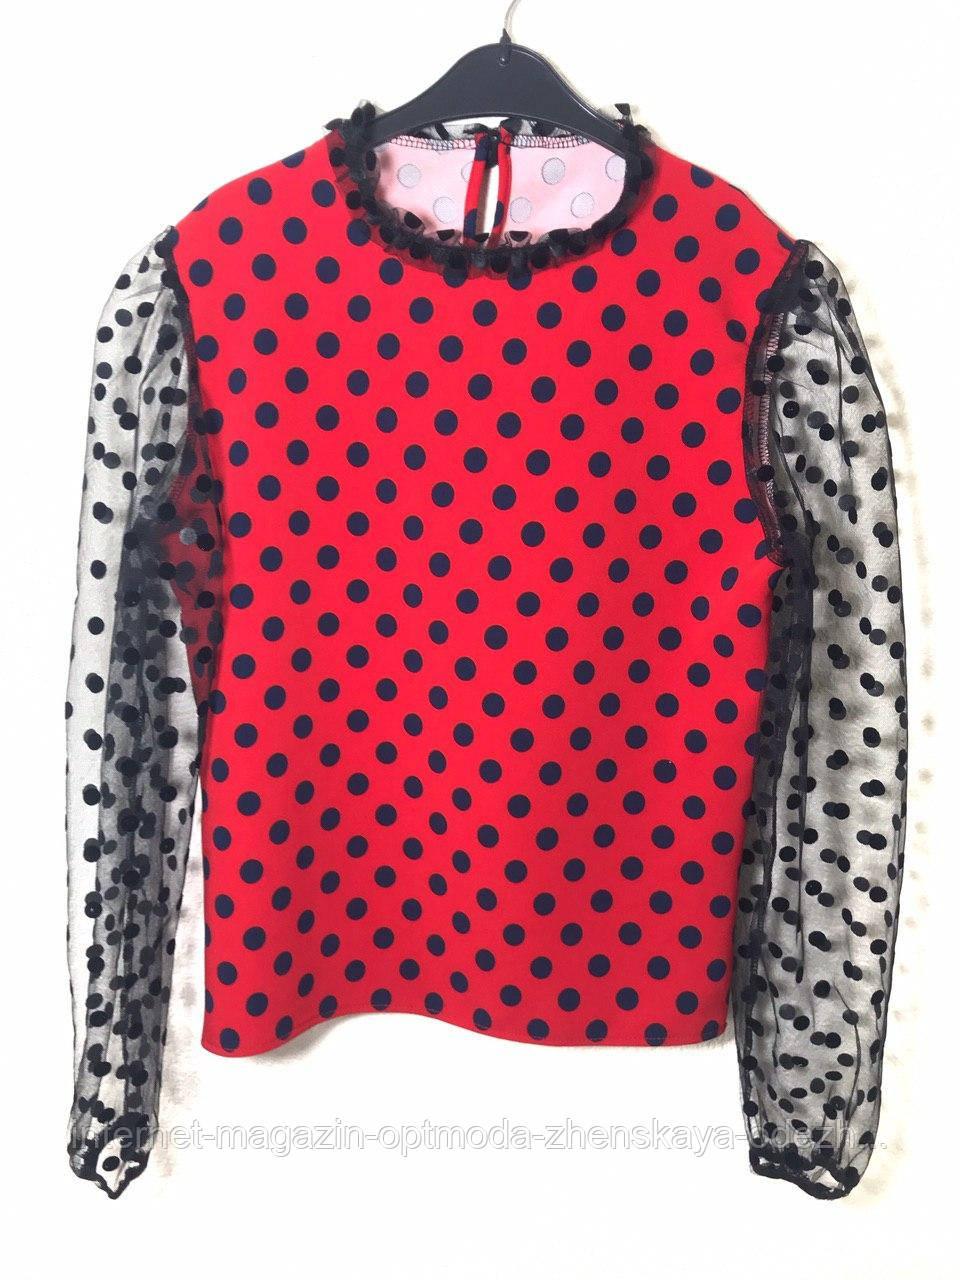 Красивая женская кофточка с рукавом в горошек,размер:42-44, черный, красный, бежевый, пудра